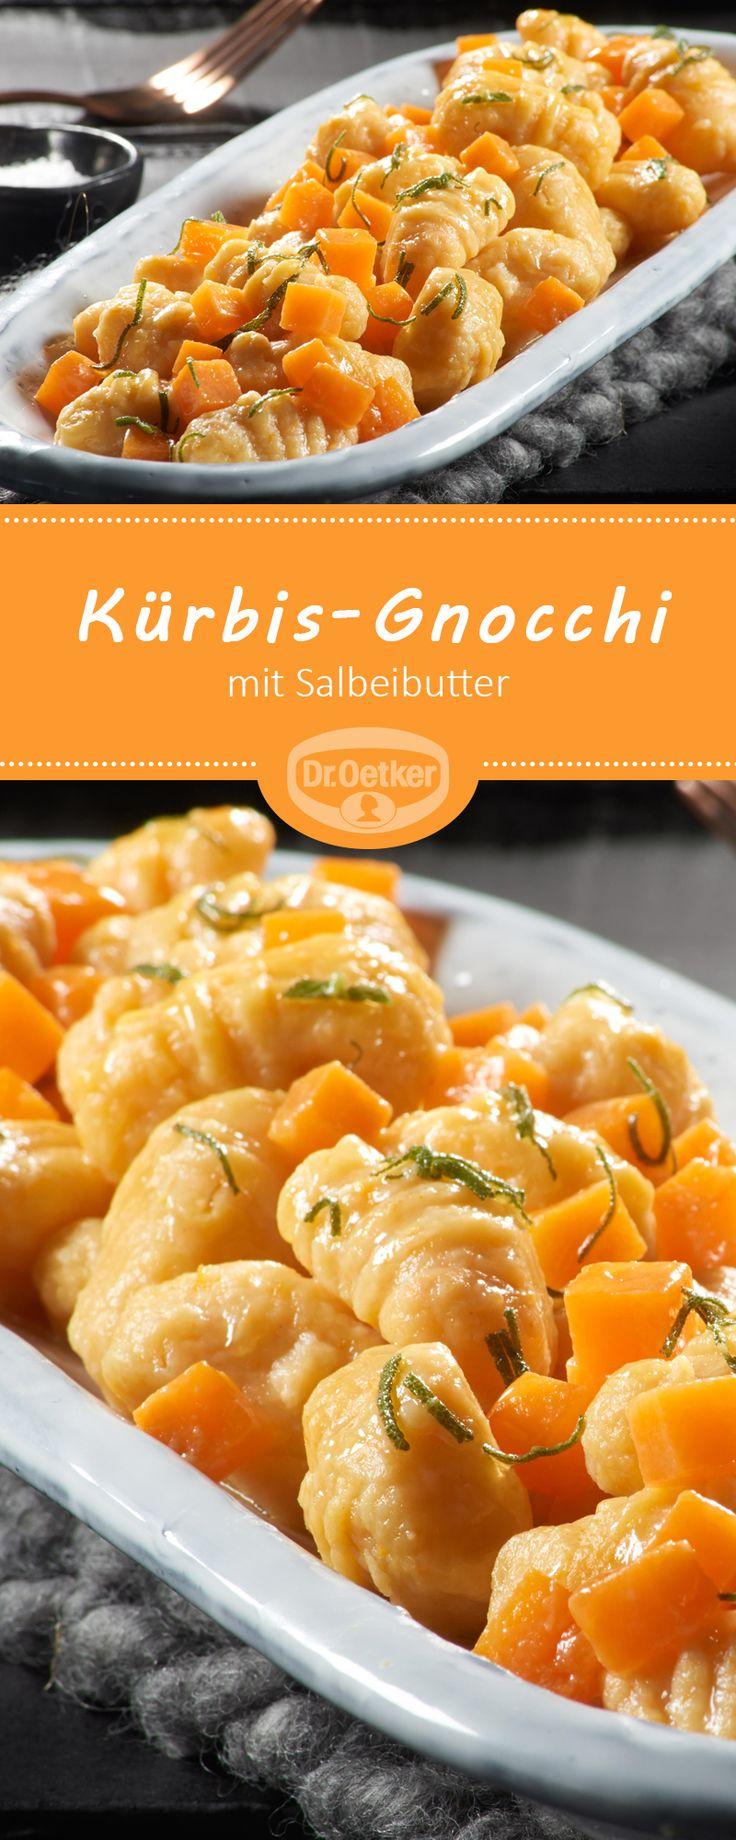 Kürbis-Gnocchi mit Salbeibutter: Leckeres Kürbis-Rezept mit Kartoffeln